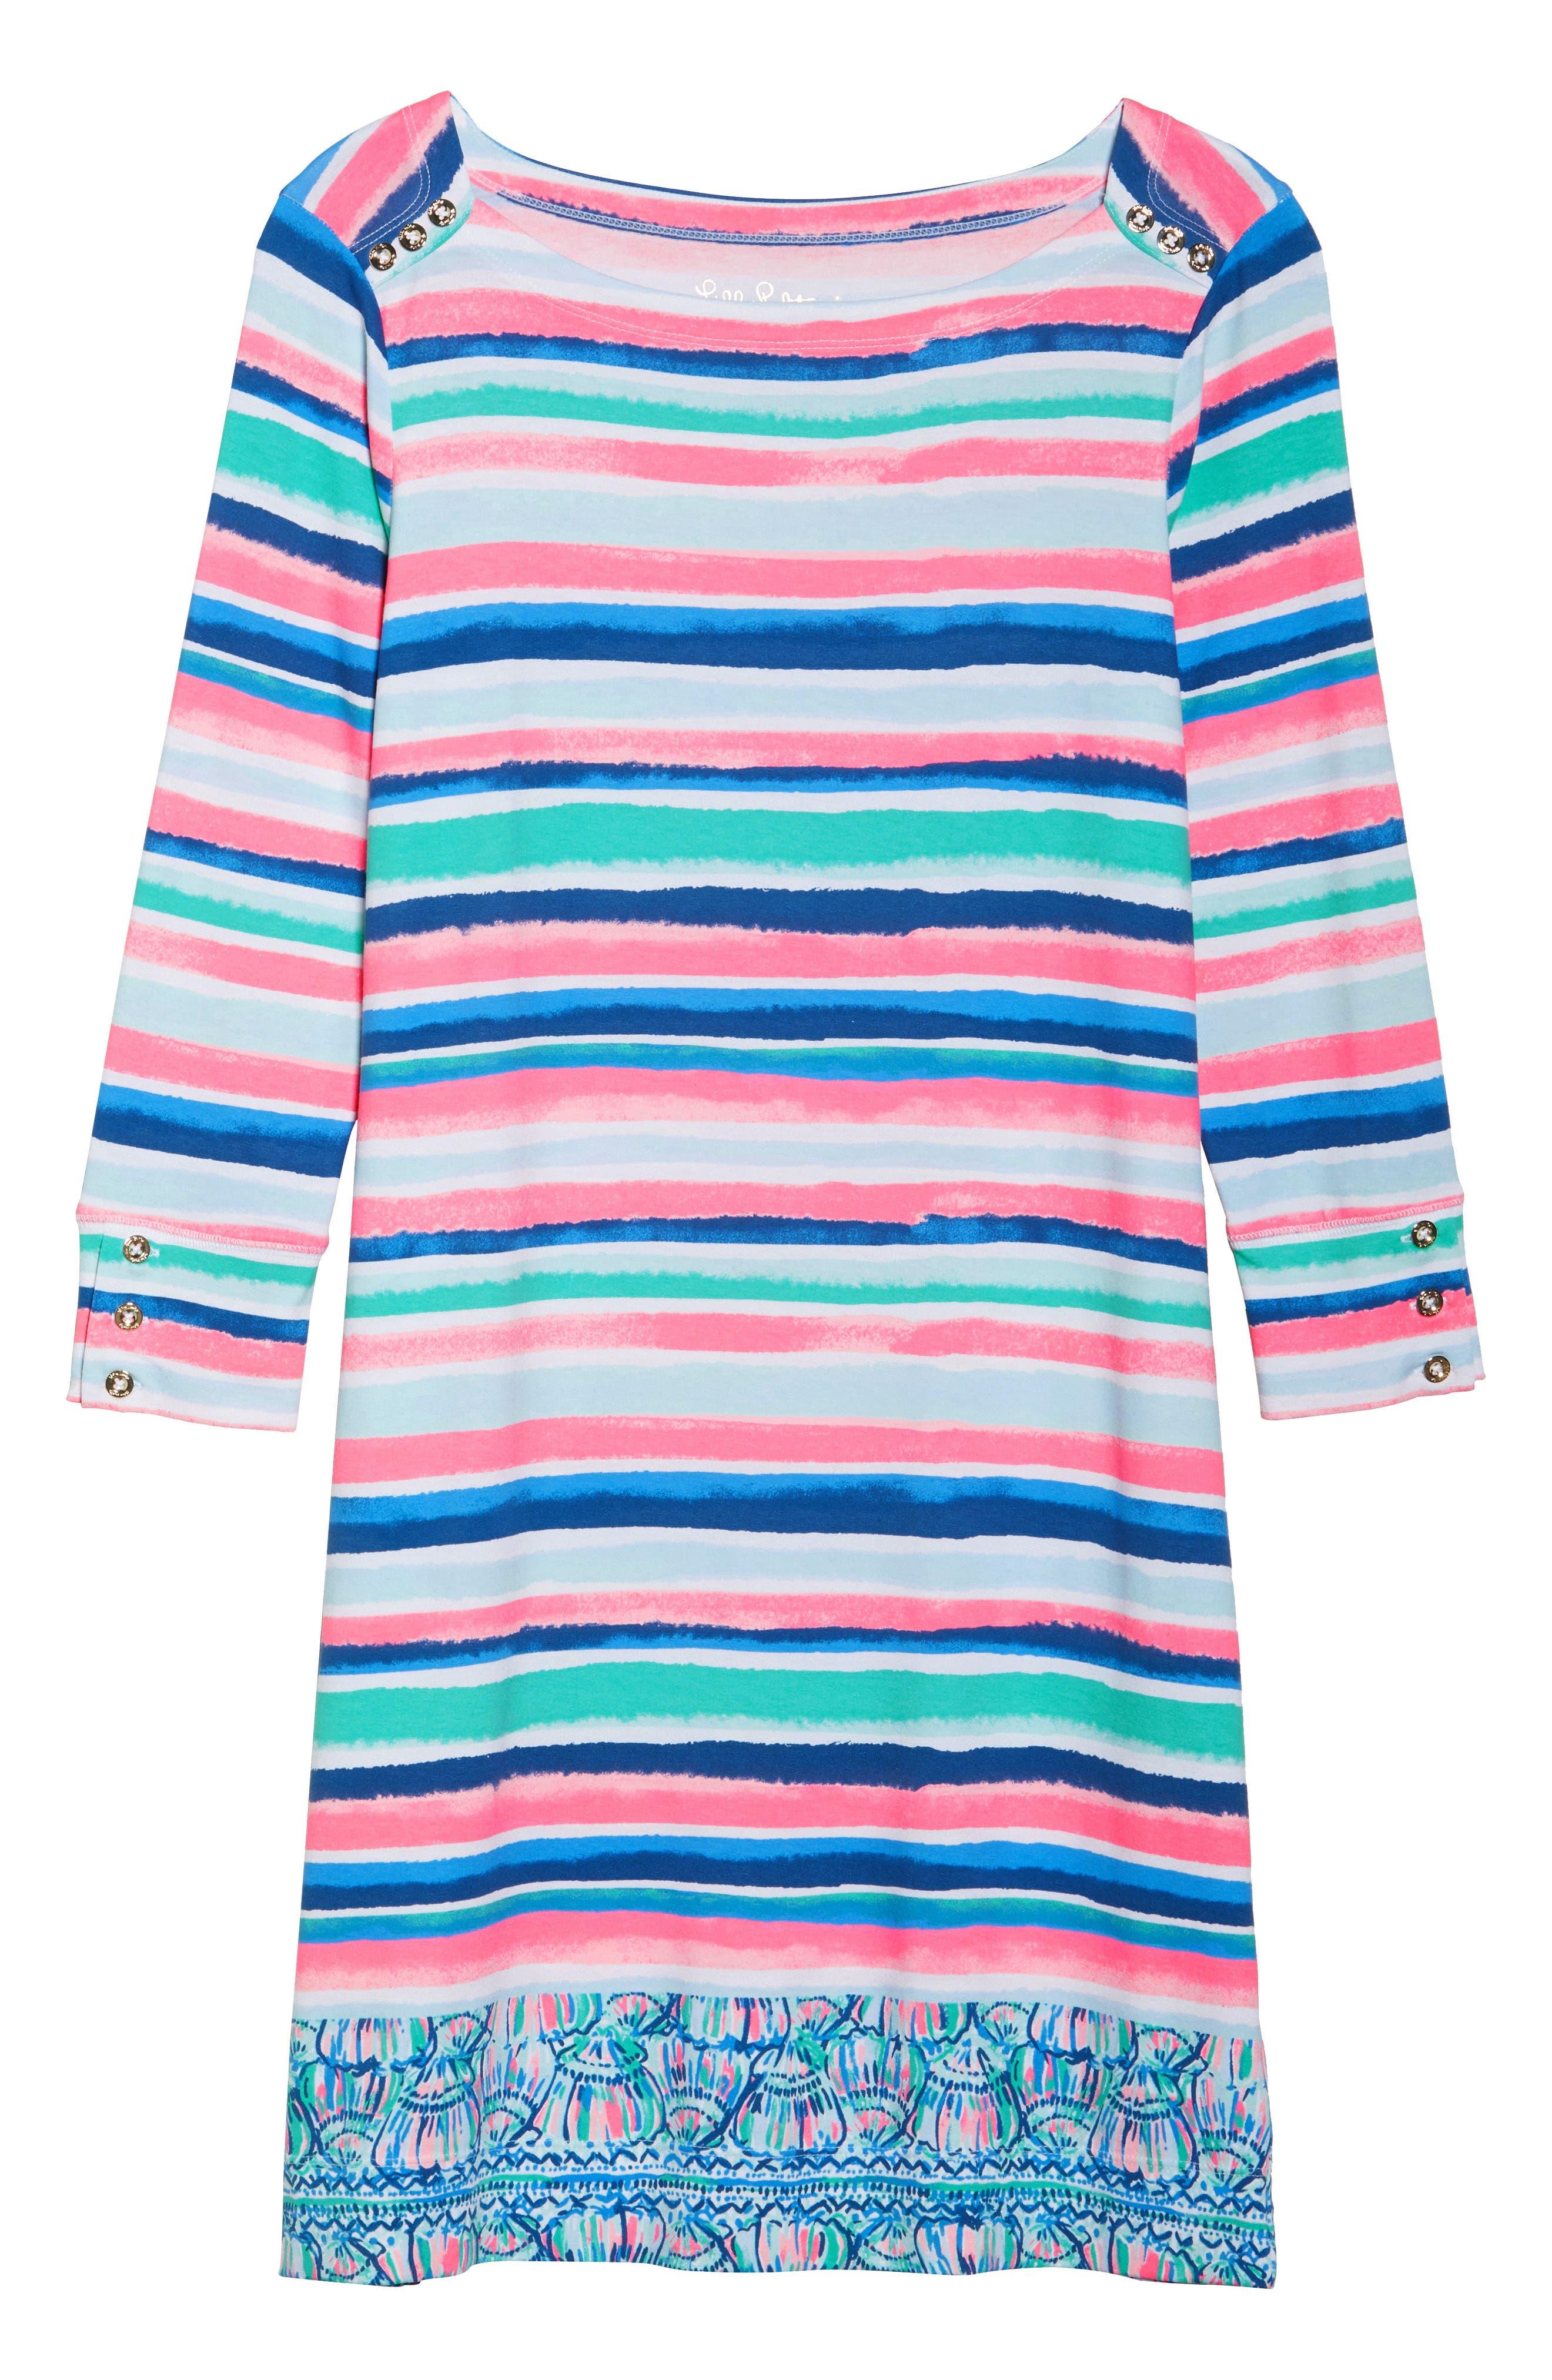 Sophie UPF 50+ Dress,                             Alternate thumbnail 8, color,                             MULTI SANDY SHELL STRIPE